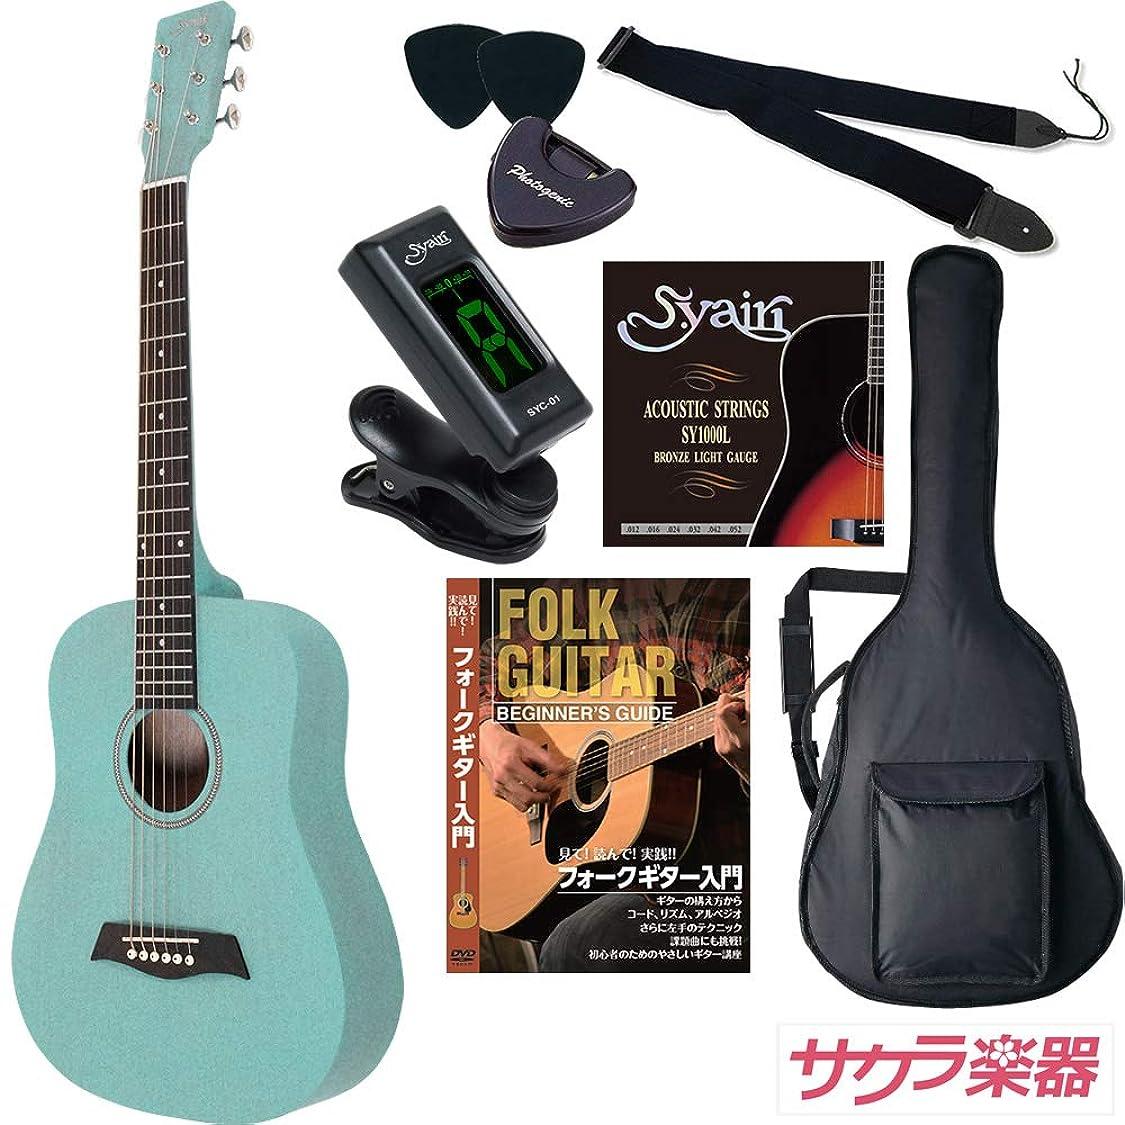 王族粘着性メディックS.Yairi ヤイリ アコースティックギター コンパクトアコギ YM-02/UBL サクラ楽器オリジナル リミテッドセット